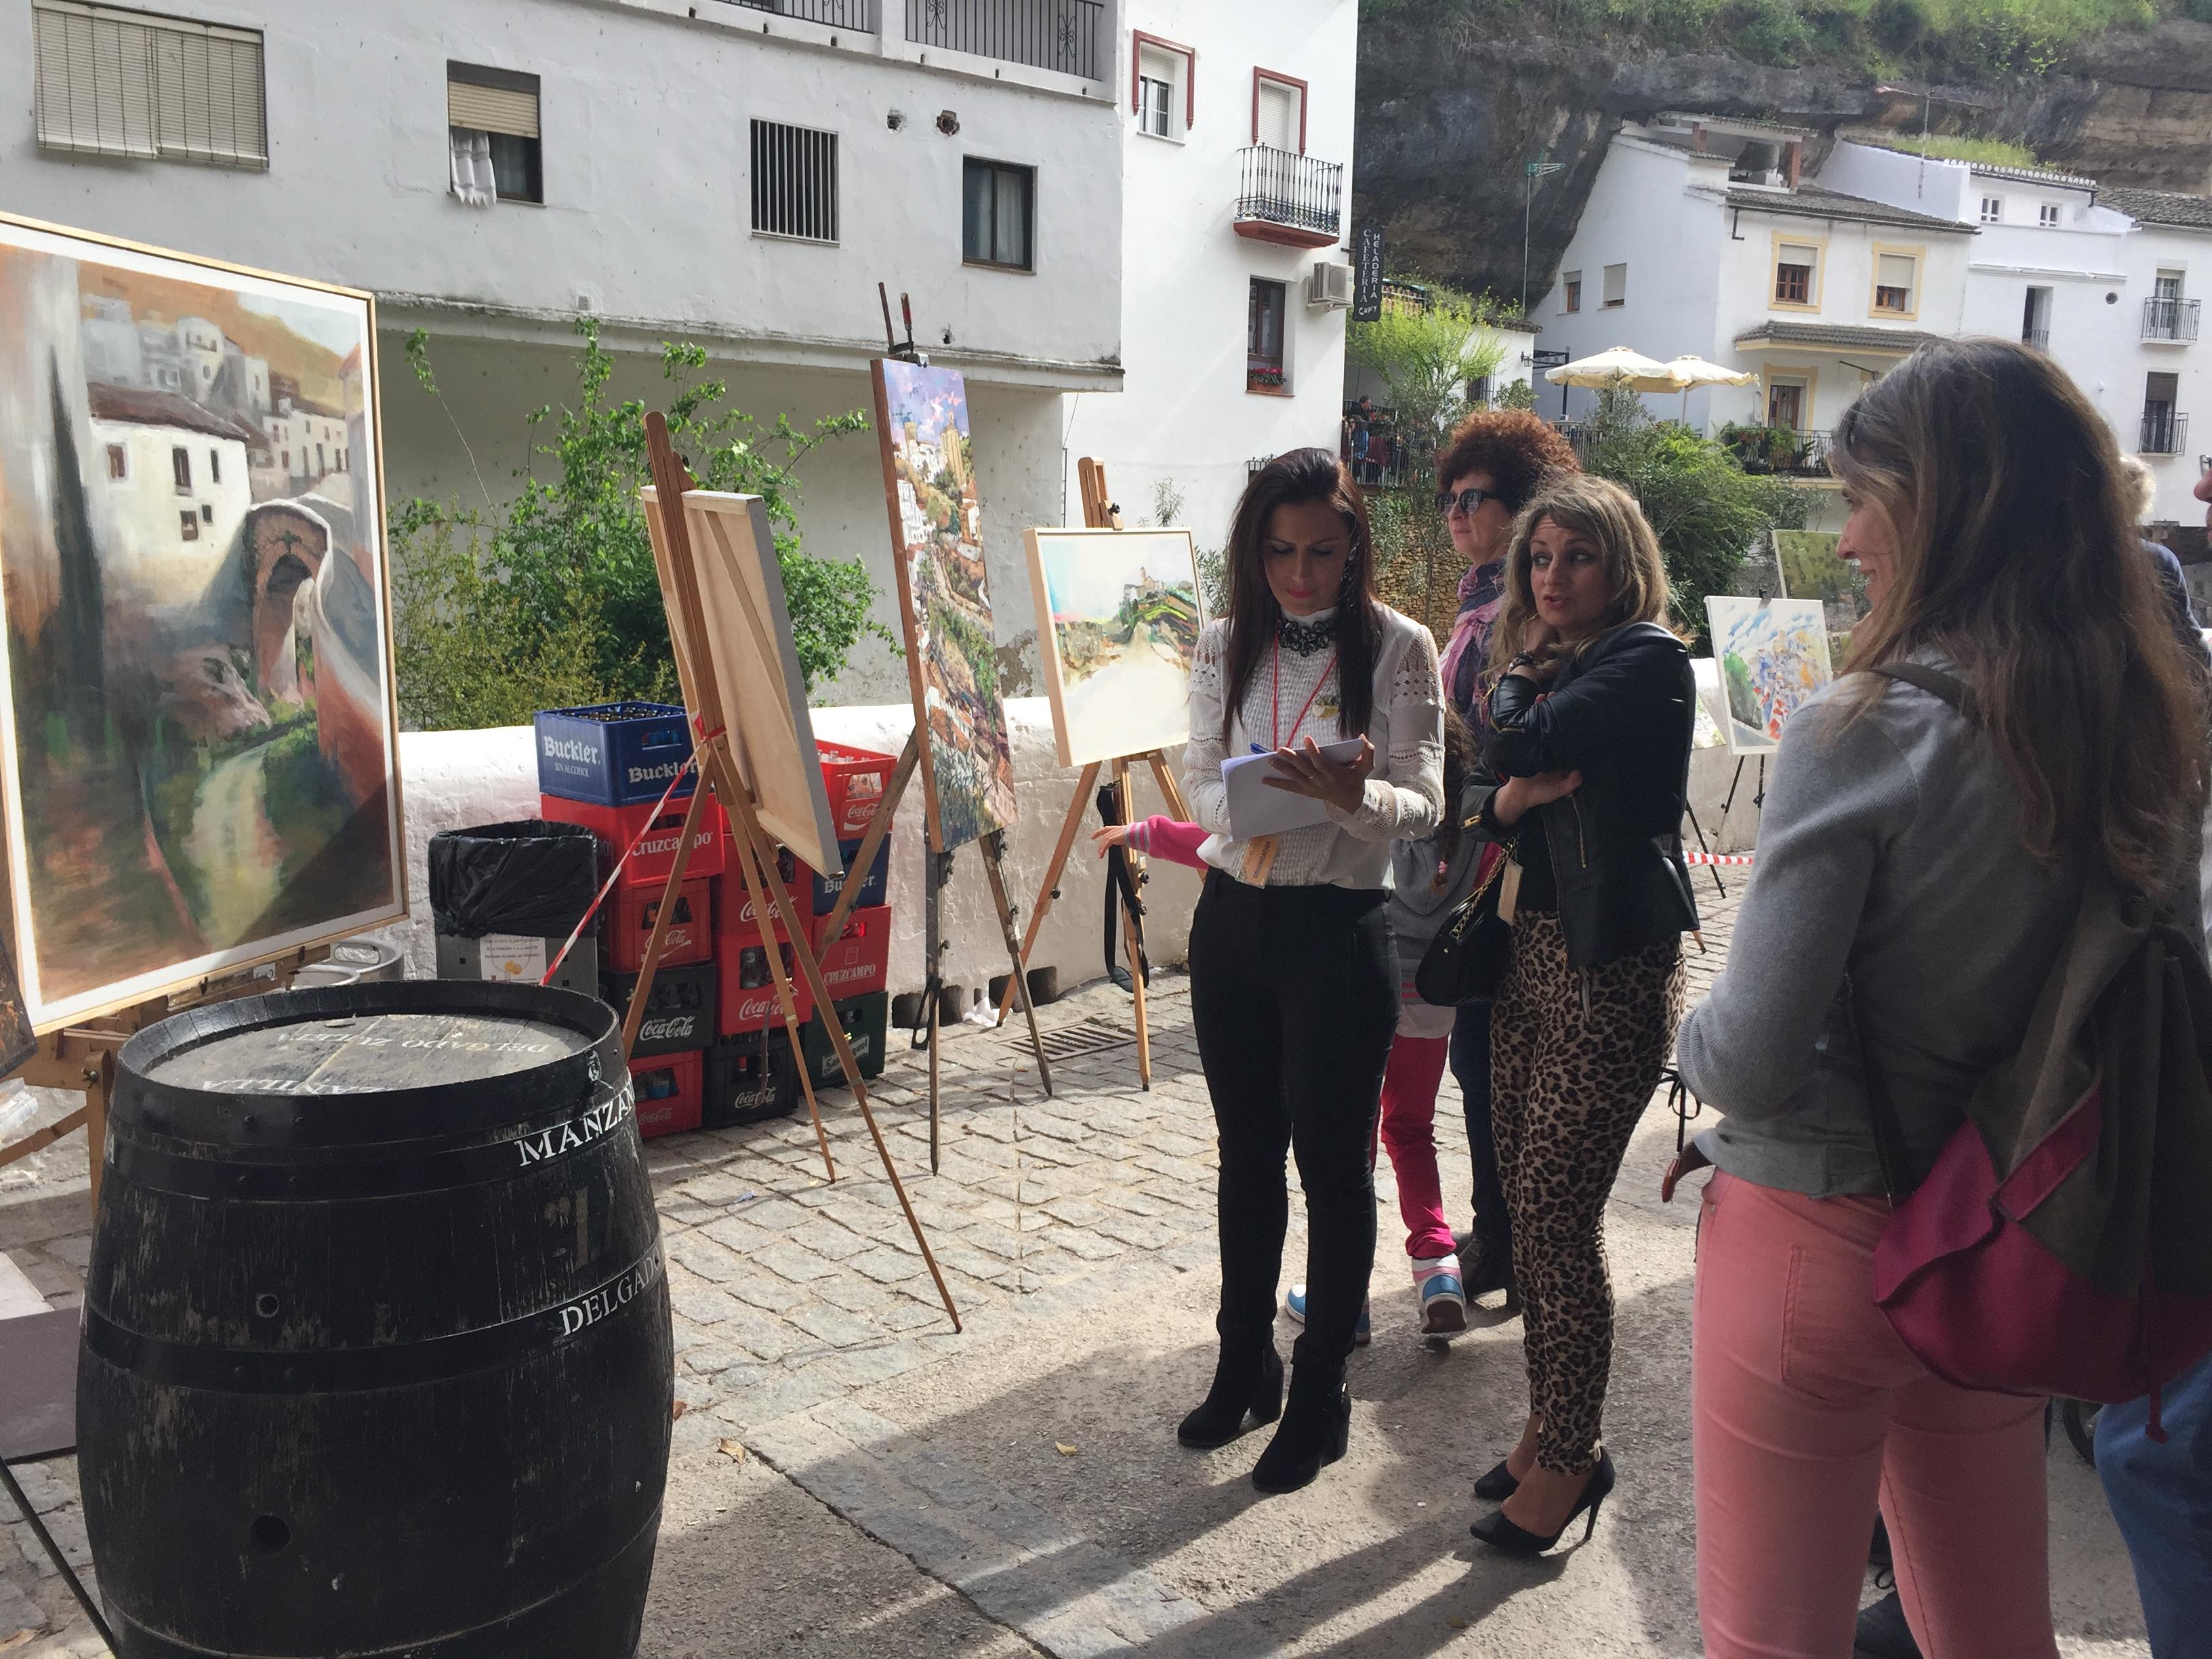 Cuadro Un Luminoso De La El Gana Sol Premio Pintura Cuevas Del 55SrPqwx